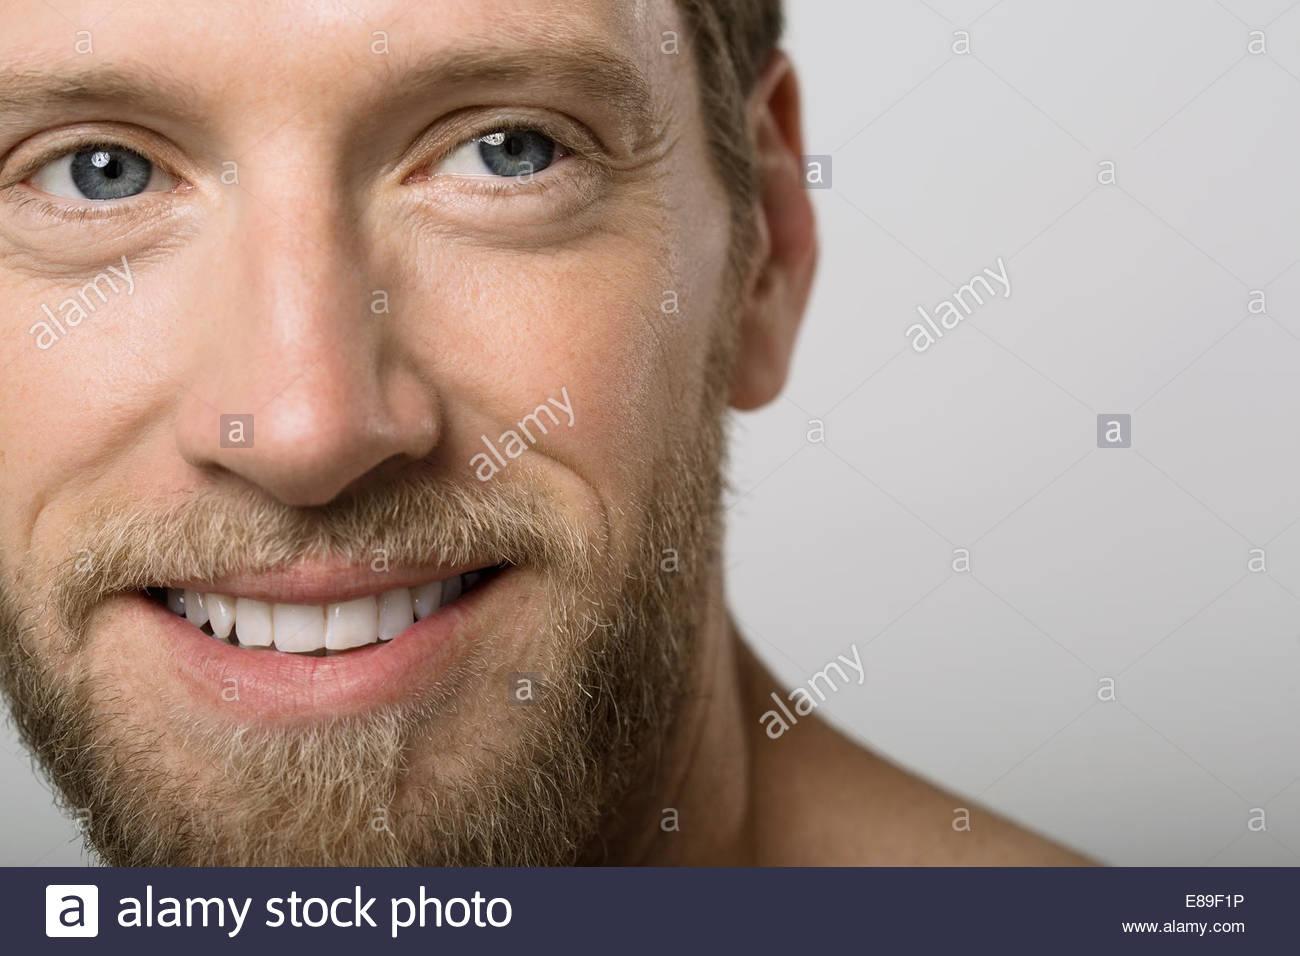 Porträt Des Mannes Mit Blonden Bart Hautnah Stockfoto Bild